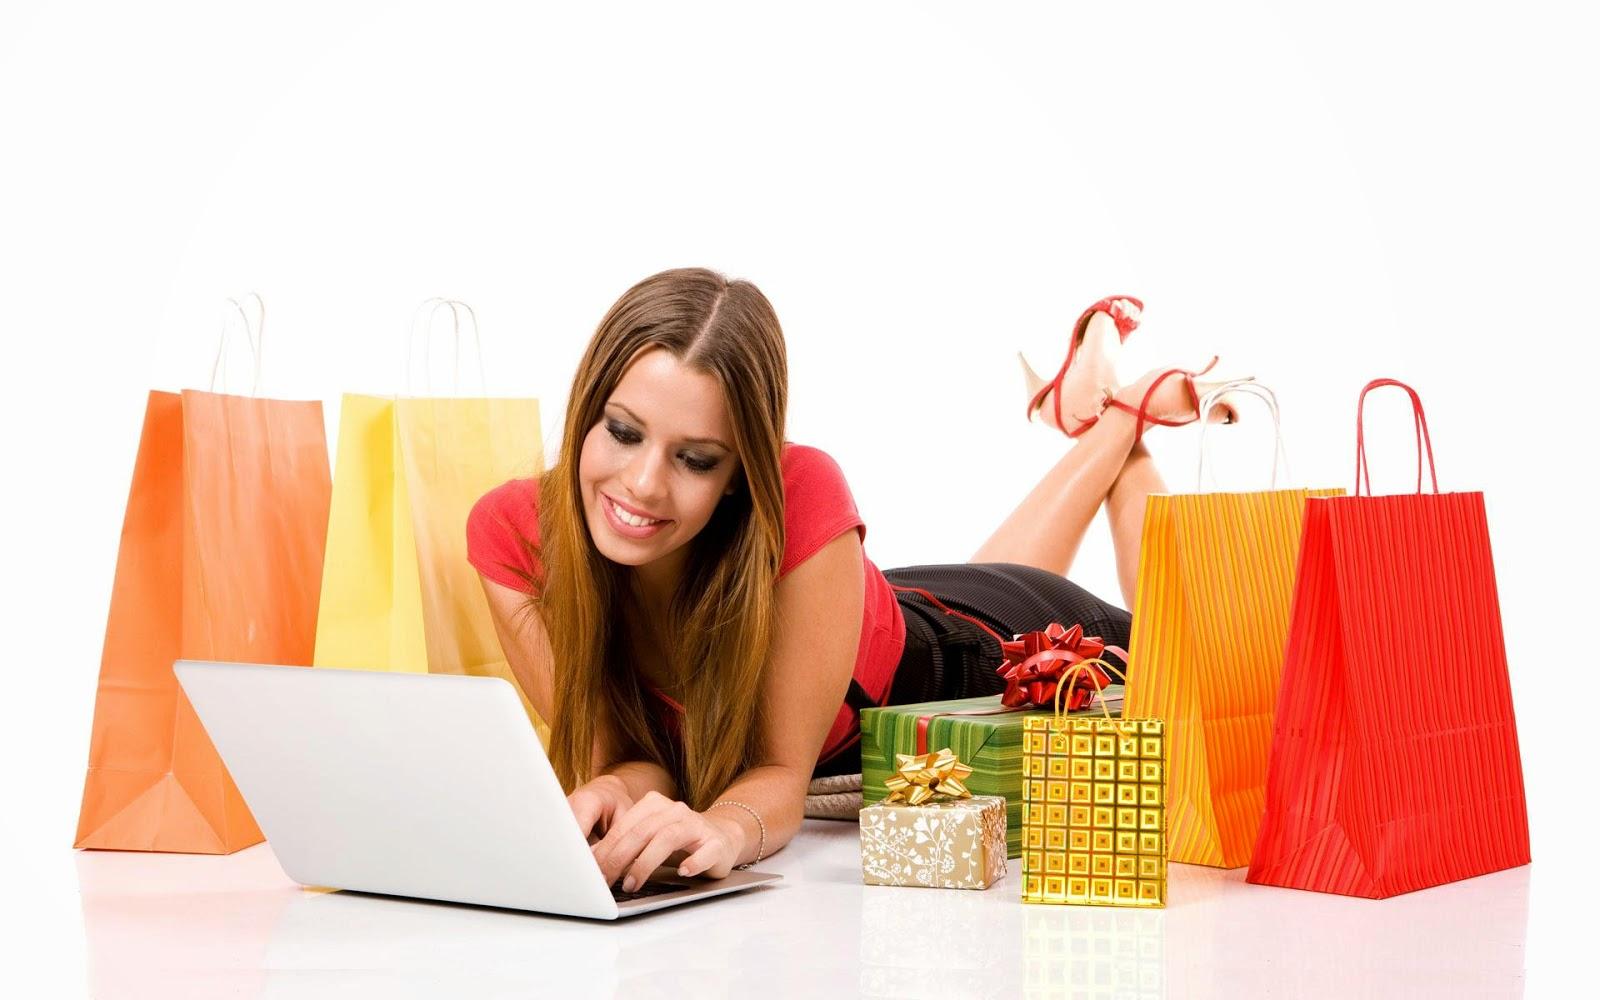 تسوق من تركيا عبر الانترنت